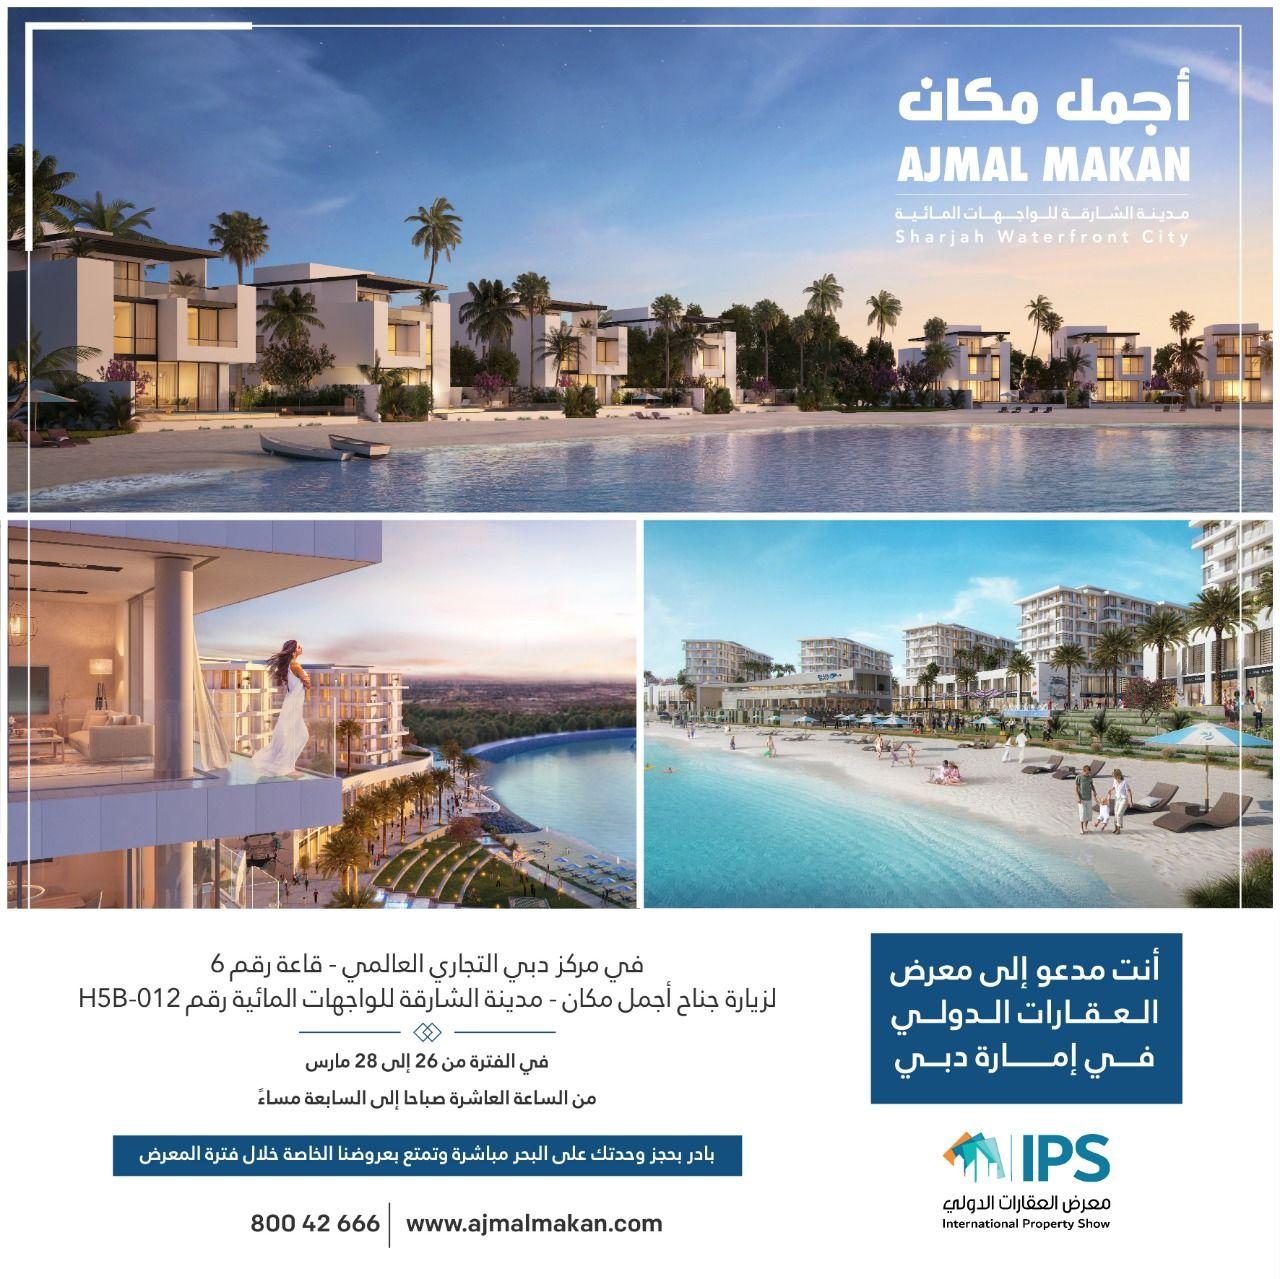 نت مدعو إلى معرض العقارات الدولي دبي ضمن مركز دبي التجاري العالمي لزيارة جناح أجمل مكان مدينة الشارقة للواجهات المائية رقم H5b Dubai World City Sharjah